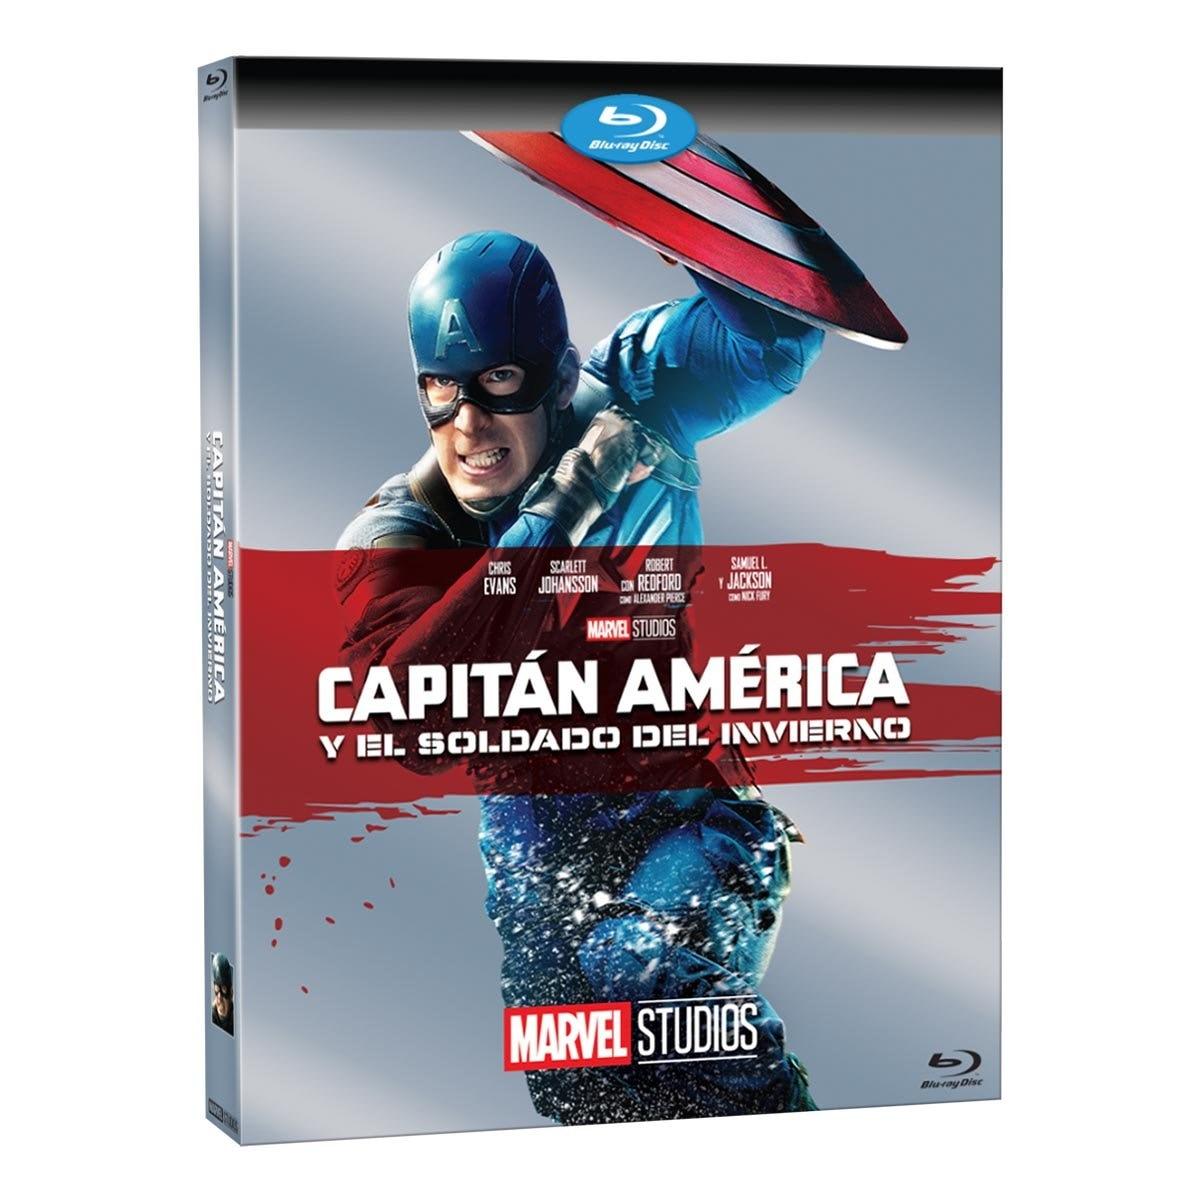 Blu Ray Capitán América y el Soldado Del Invierno Marvel